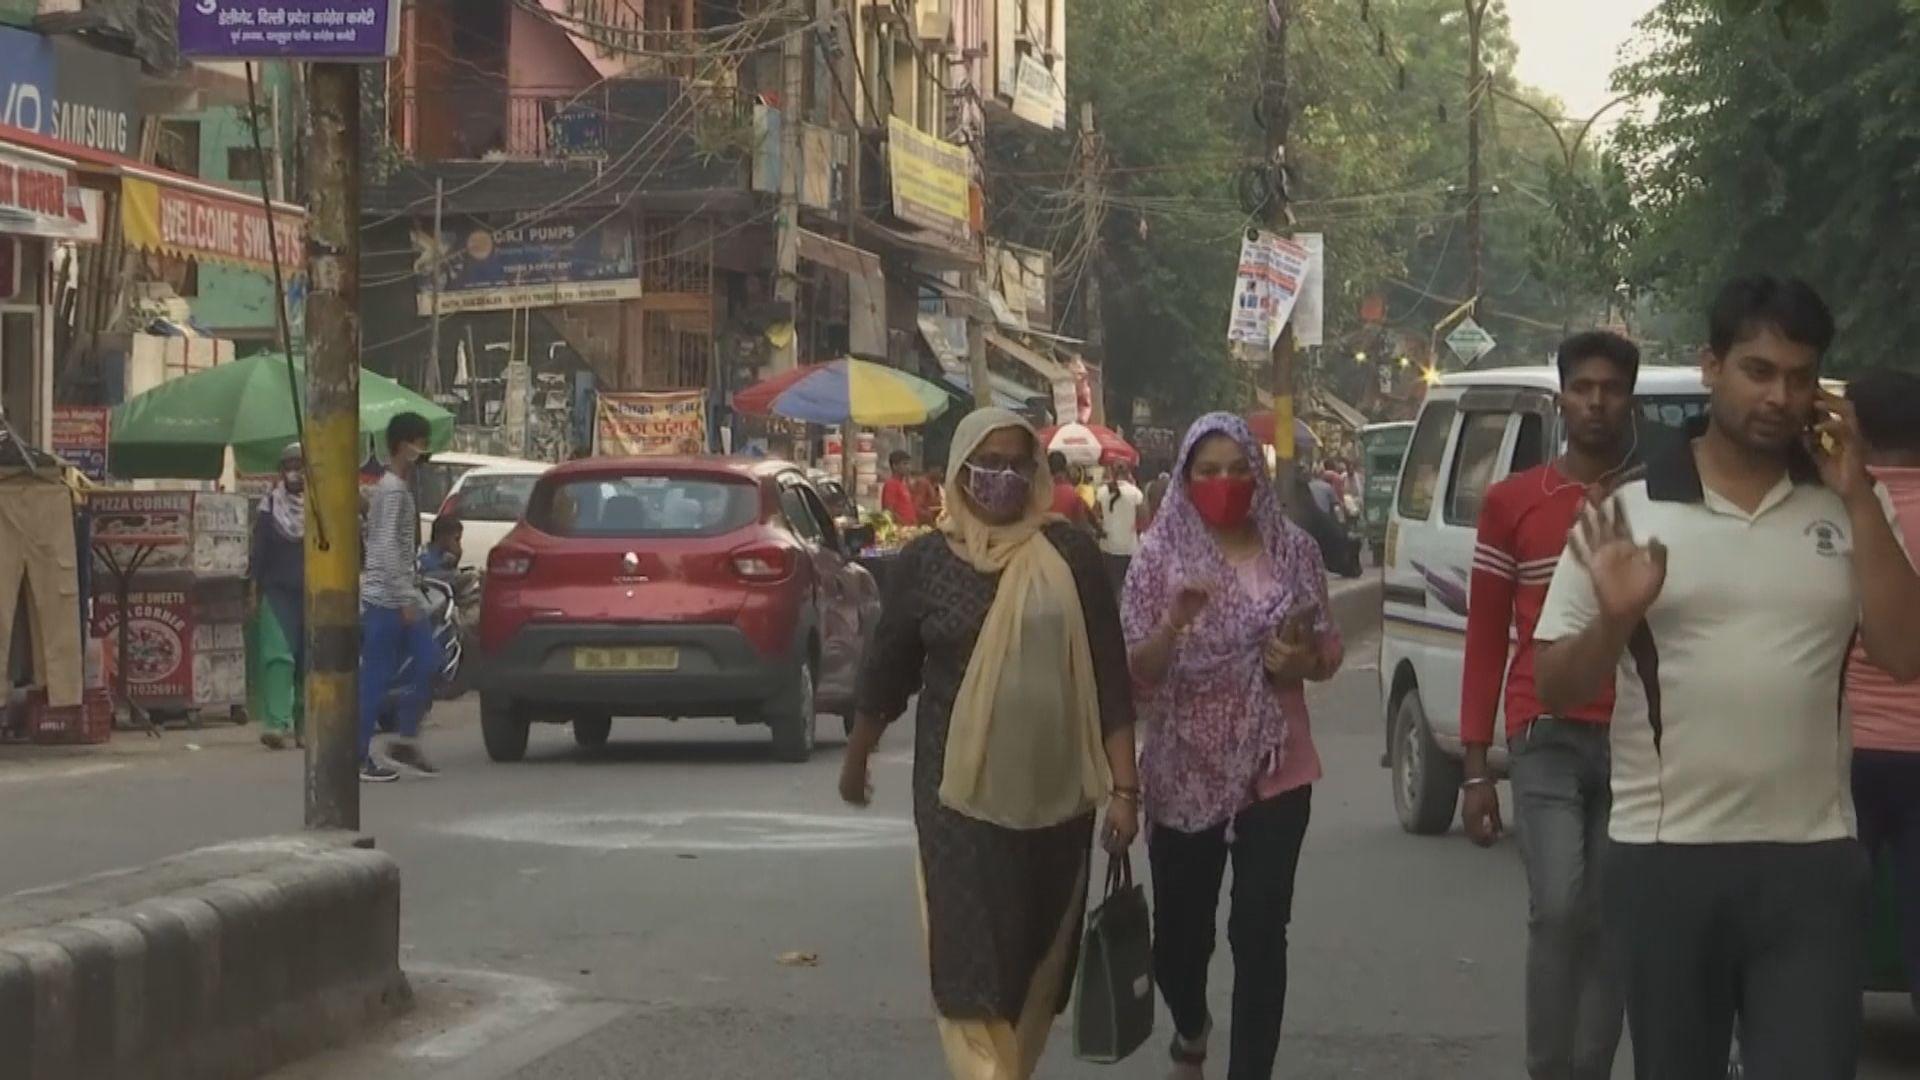 印度馬哈拉施特拉邦疫情嚴重再收緊新防疫措施